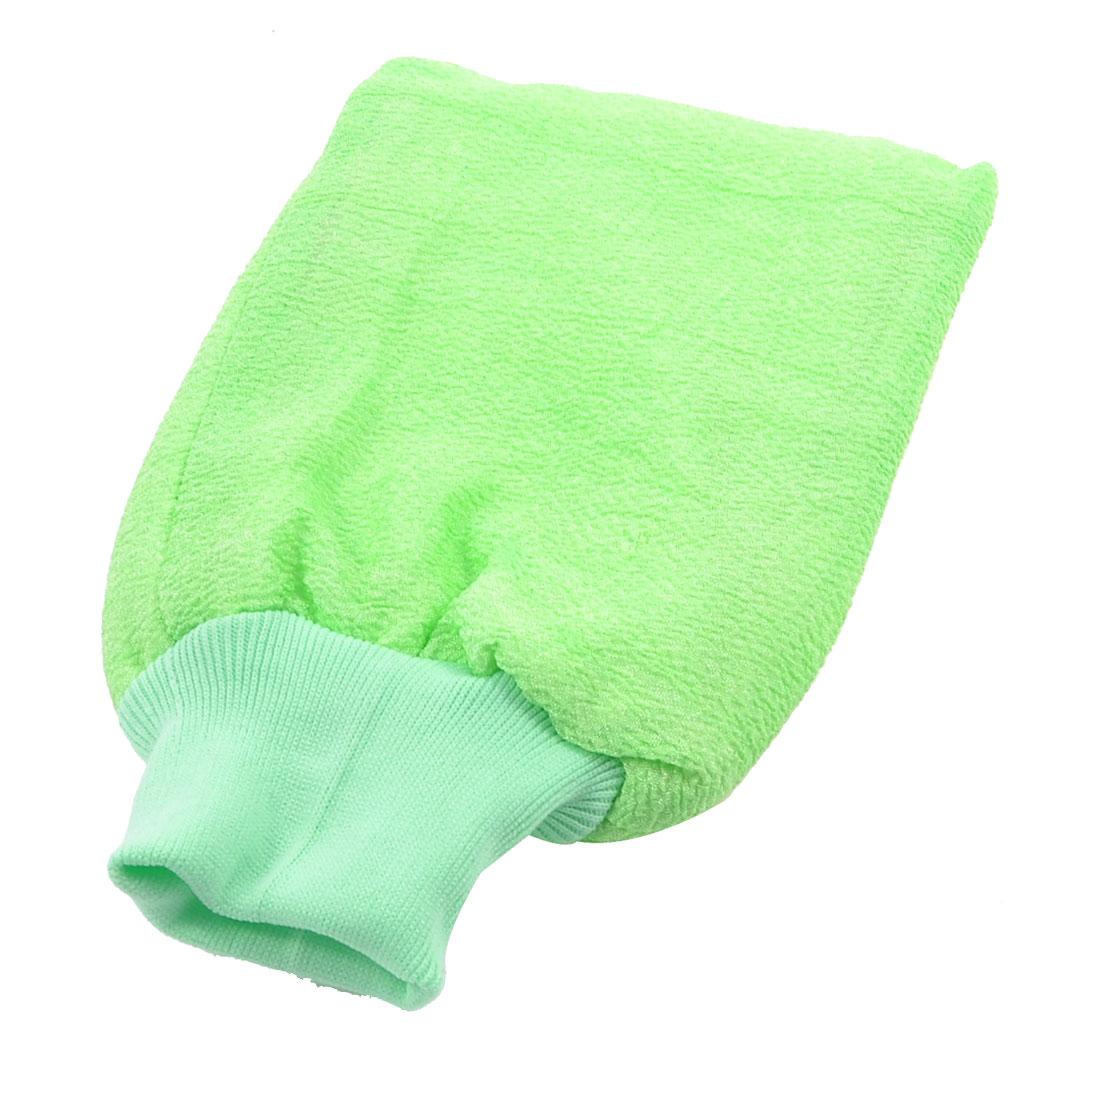 Bathroom Double Sides Bathing Bath Towel Washcloth Glove Light Green